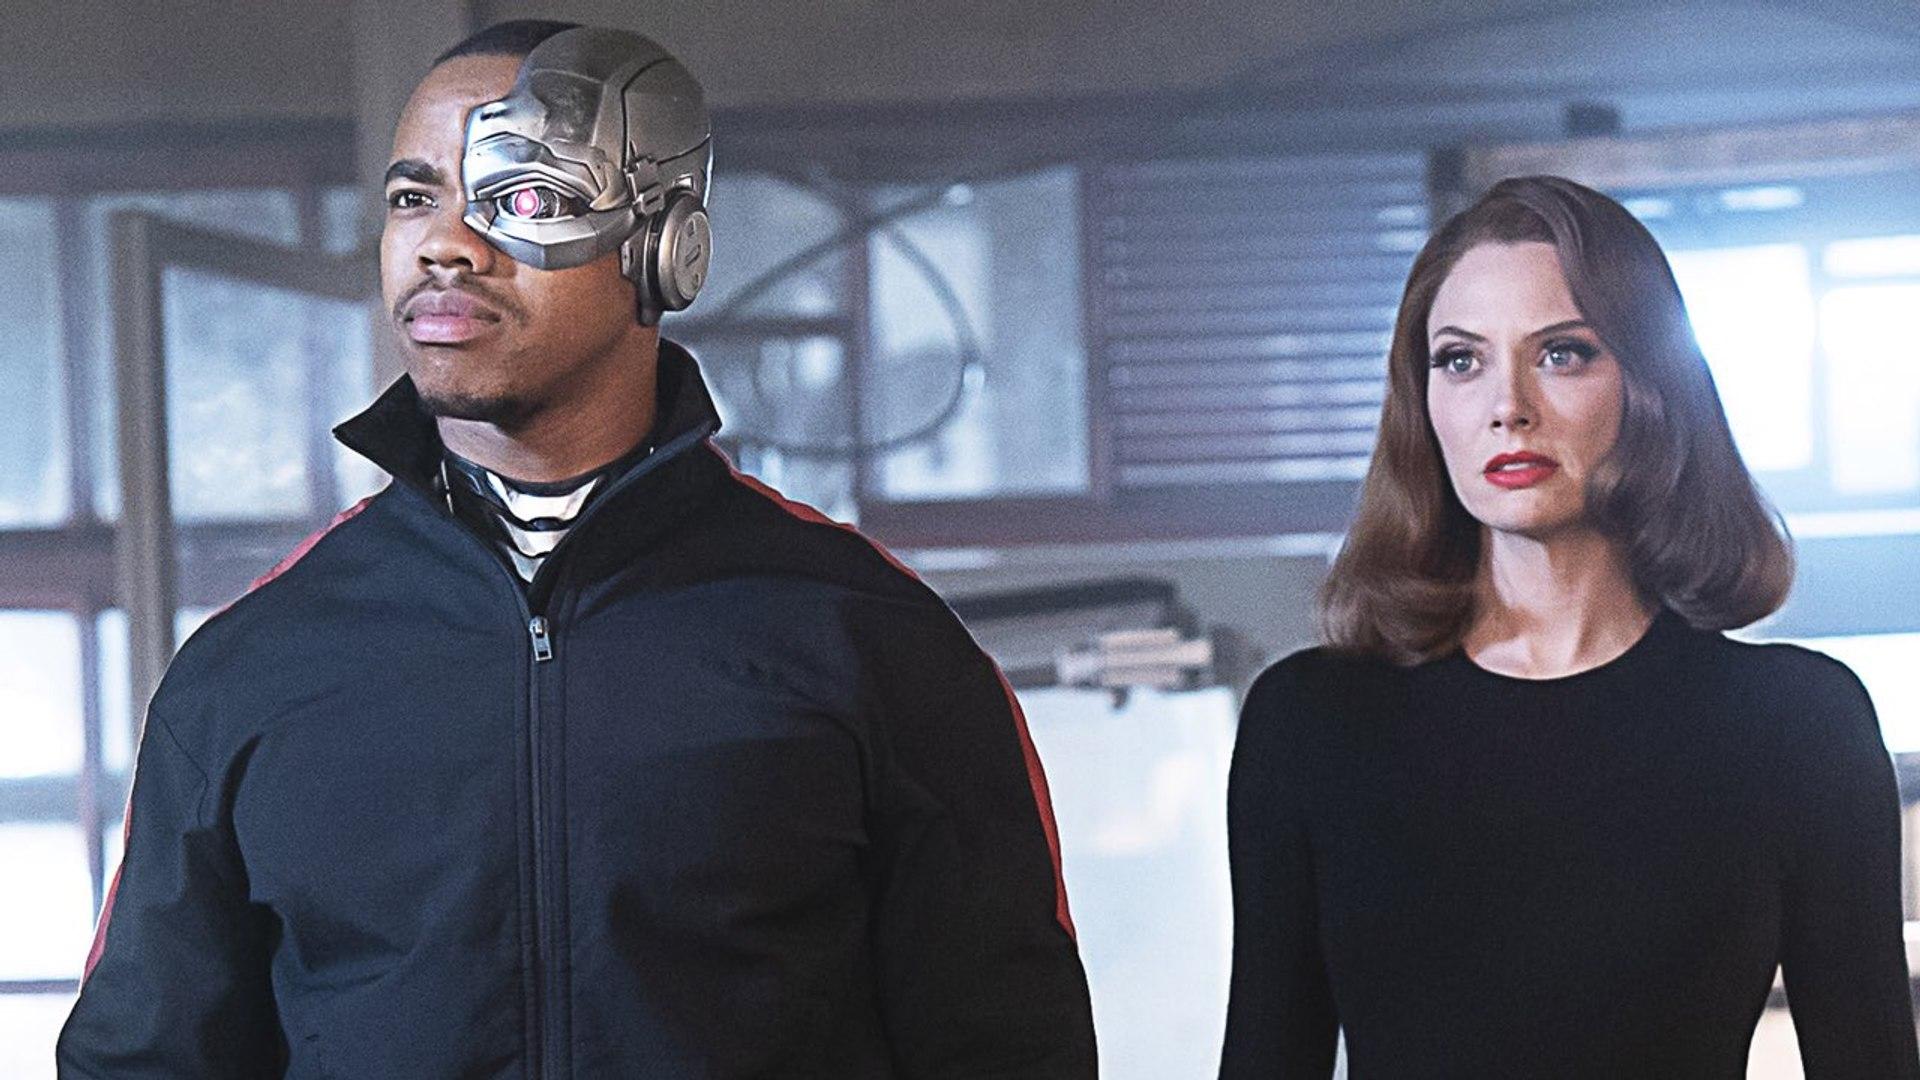 doom patrol season 2 episode 9 promo